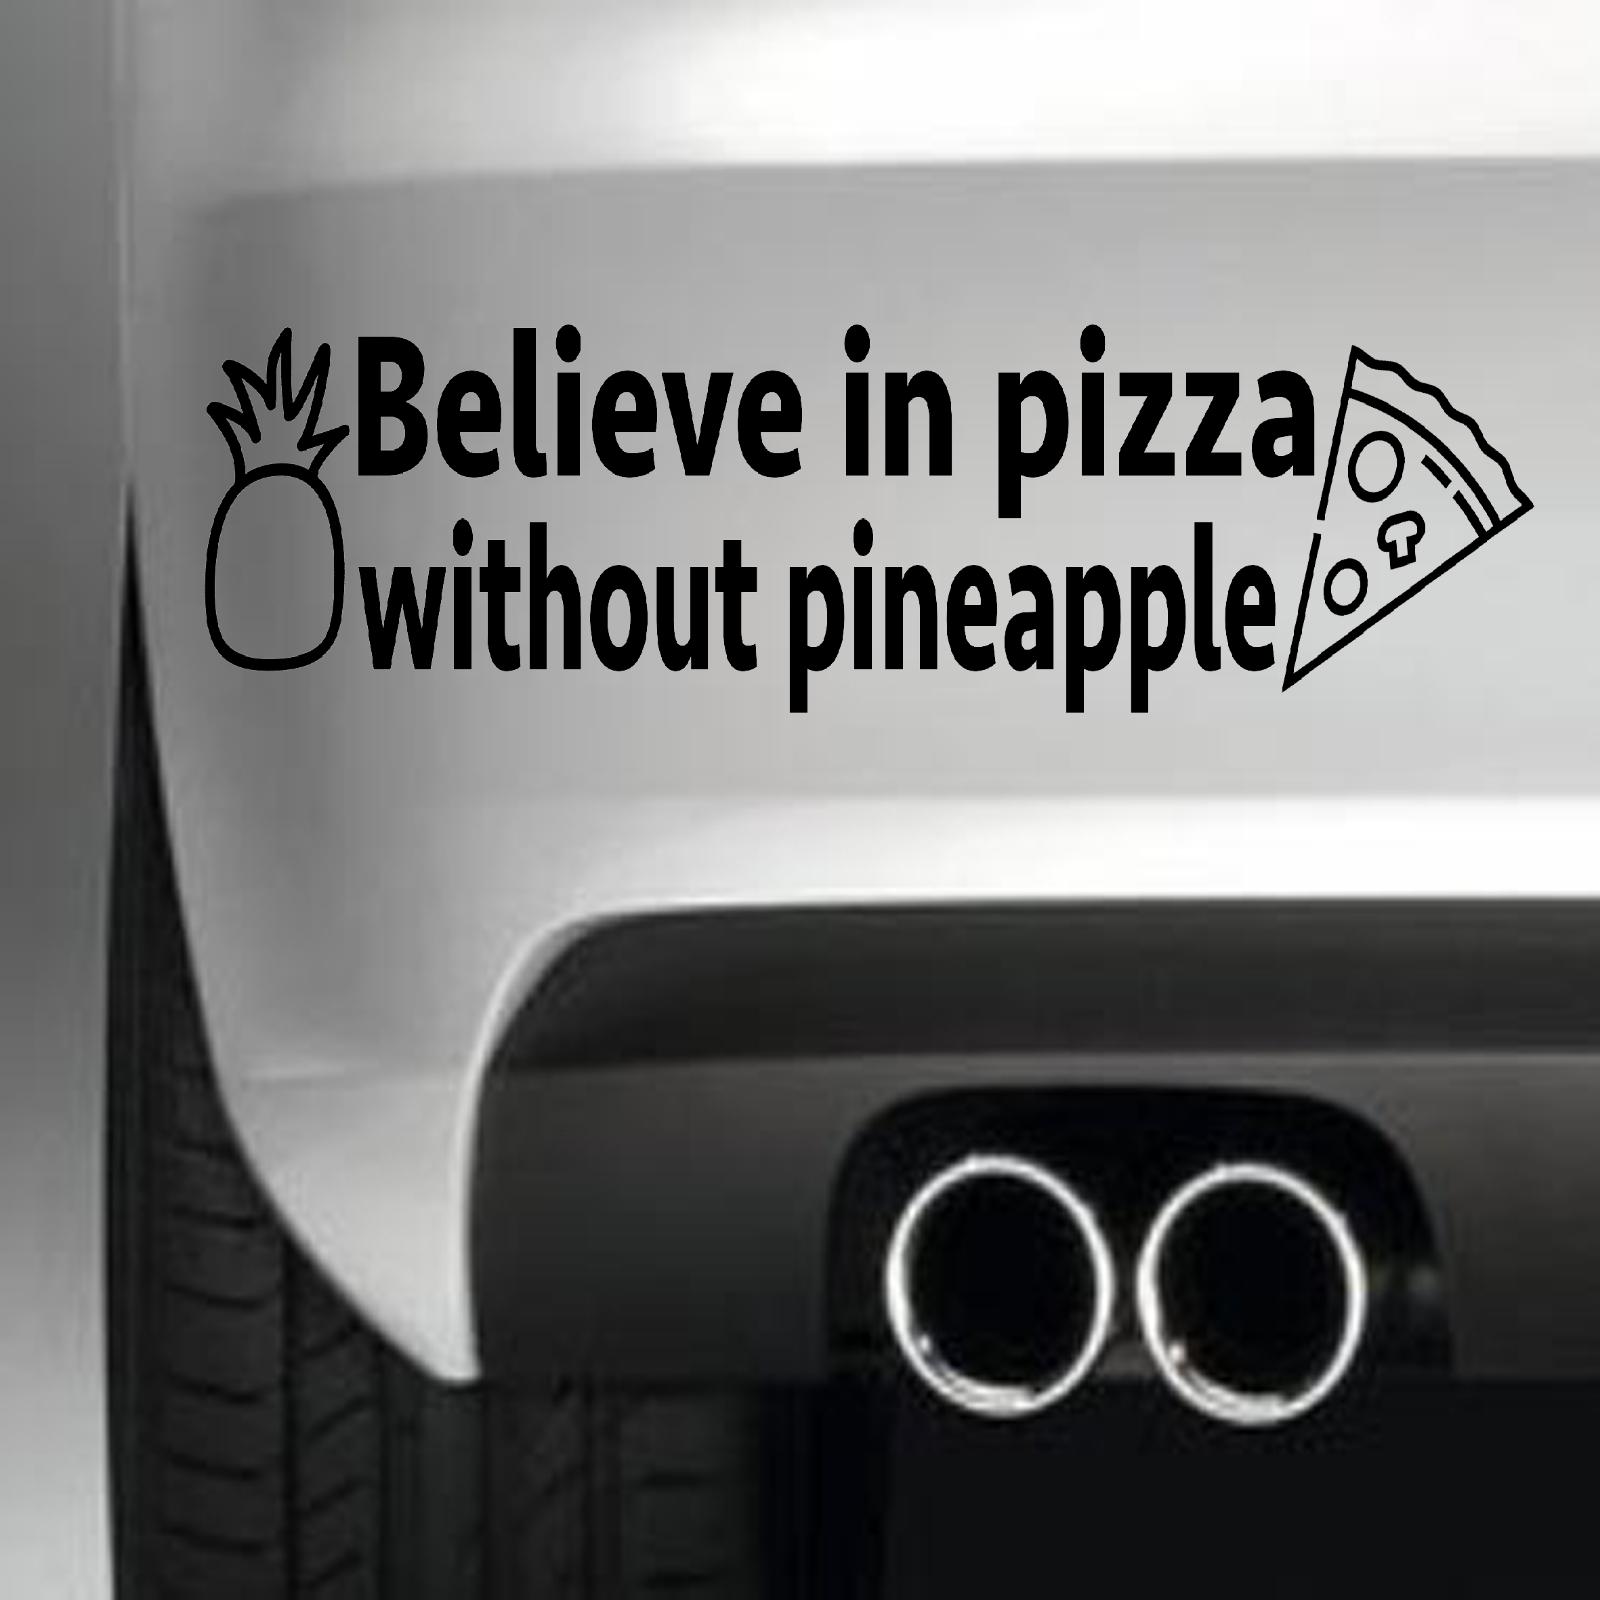 22*6,4 cm en Pizza de parachoques del coche etiqueta engomada divertida deriva Jdm arte de la pared de comida de la motocicleta SUV coche ventana vinilo calcomanía